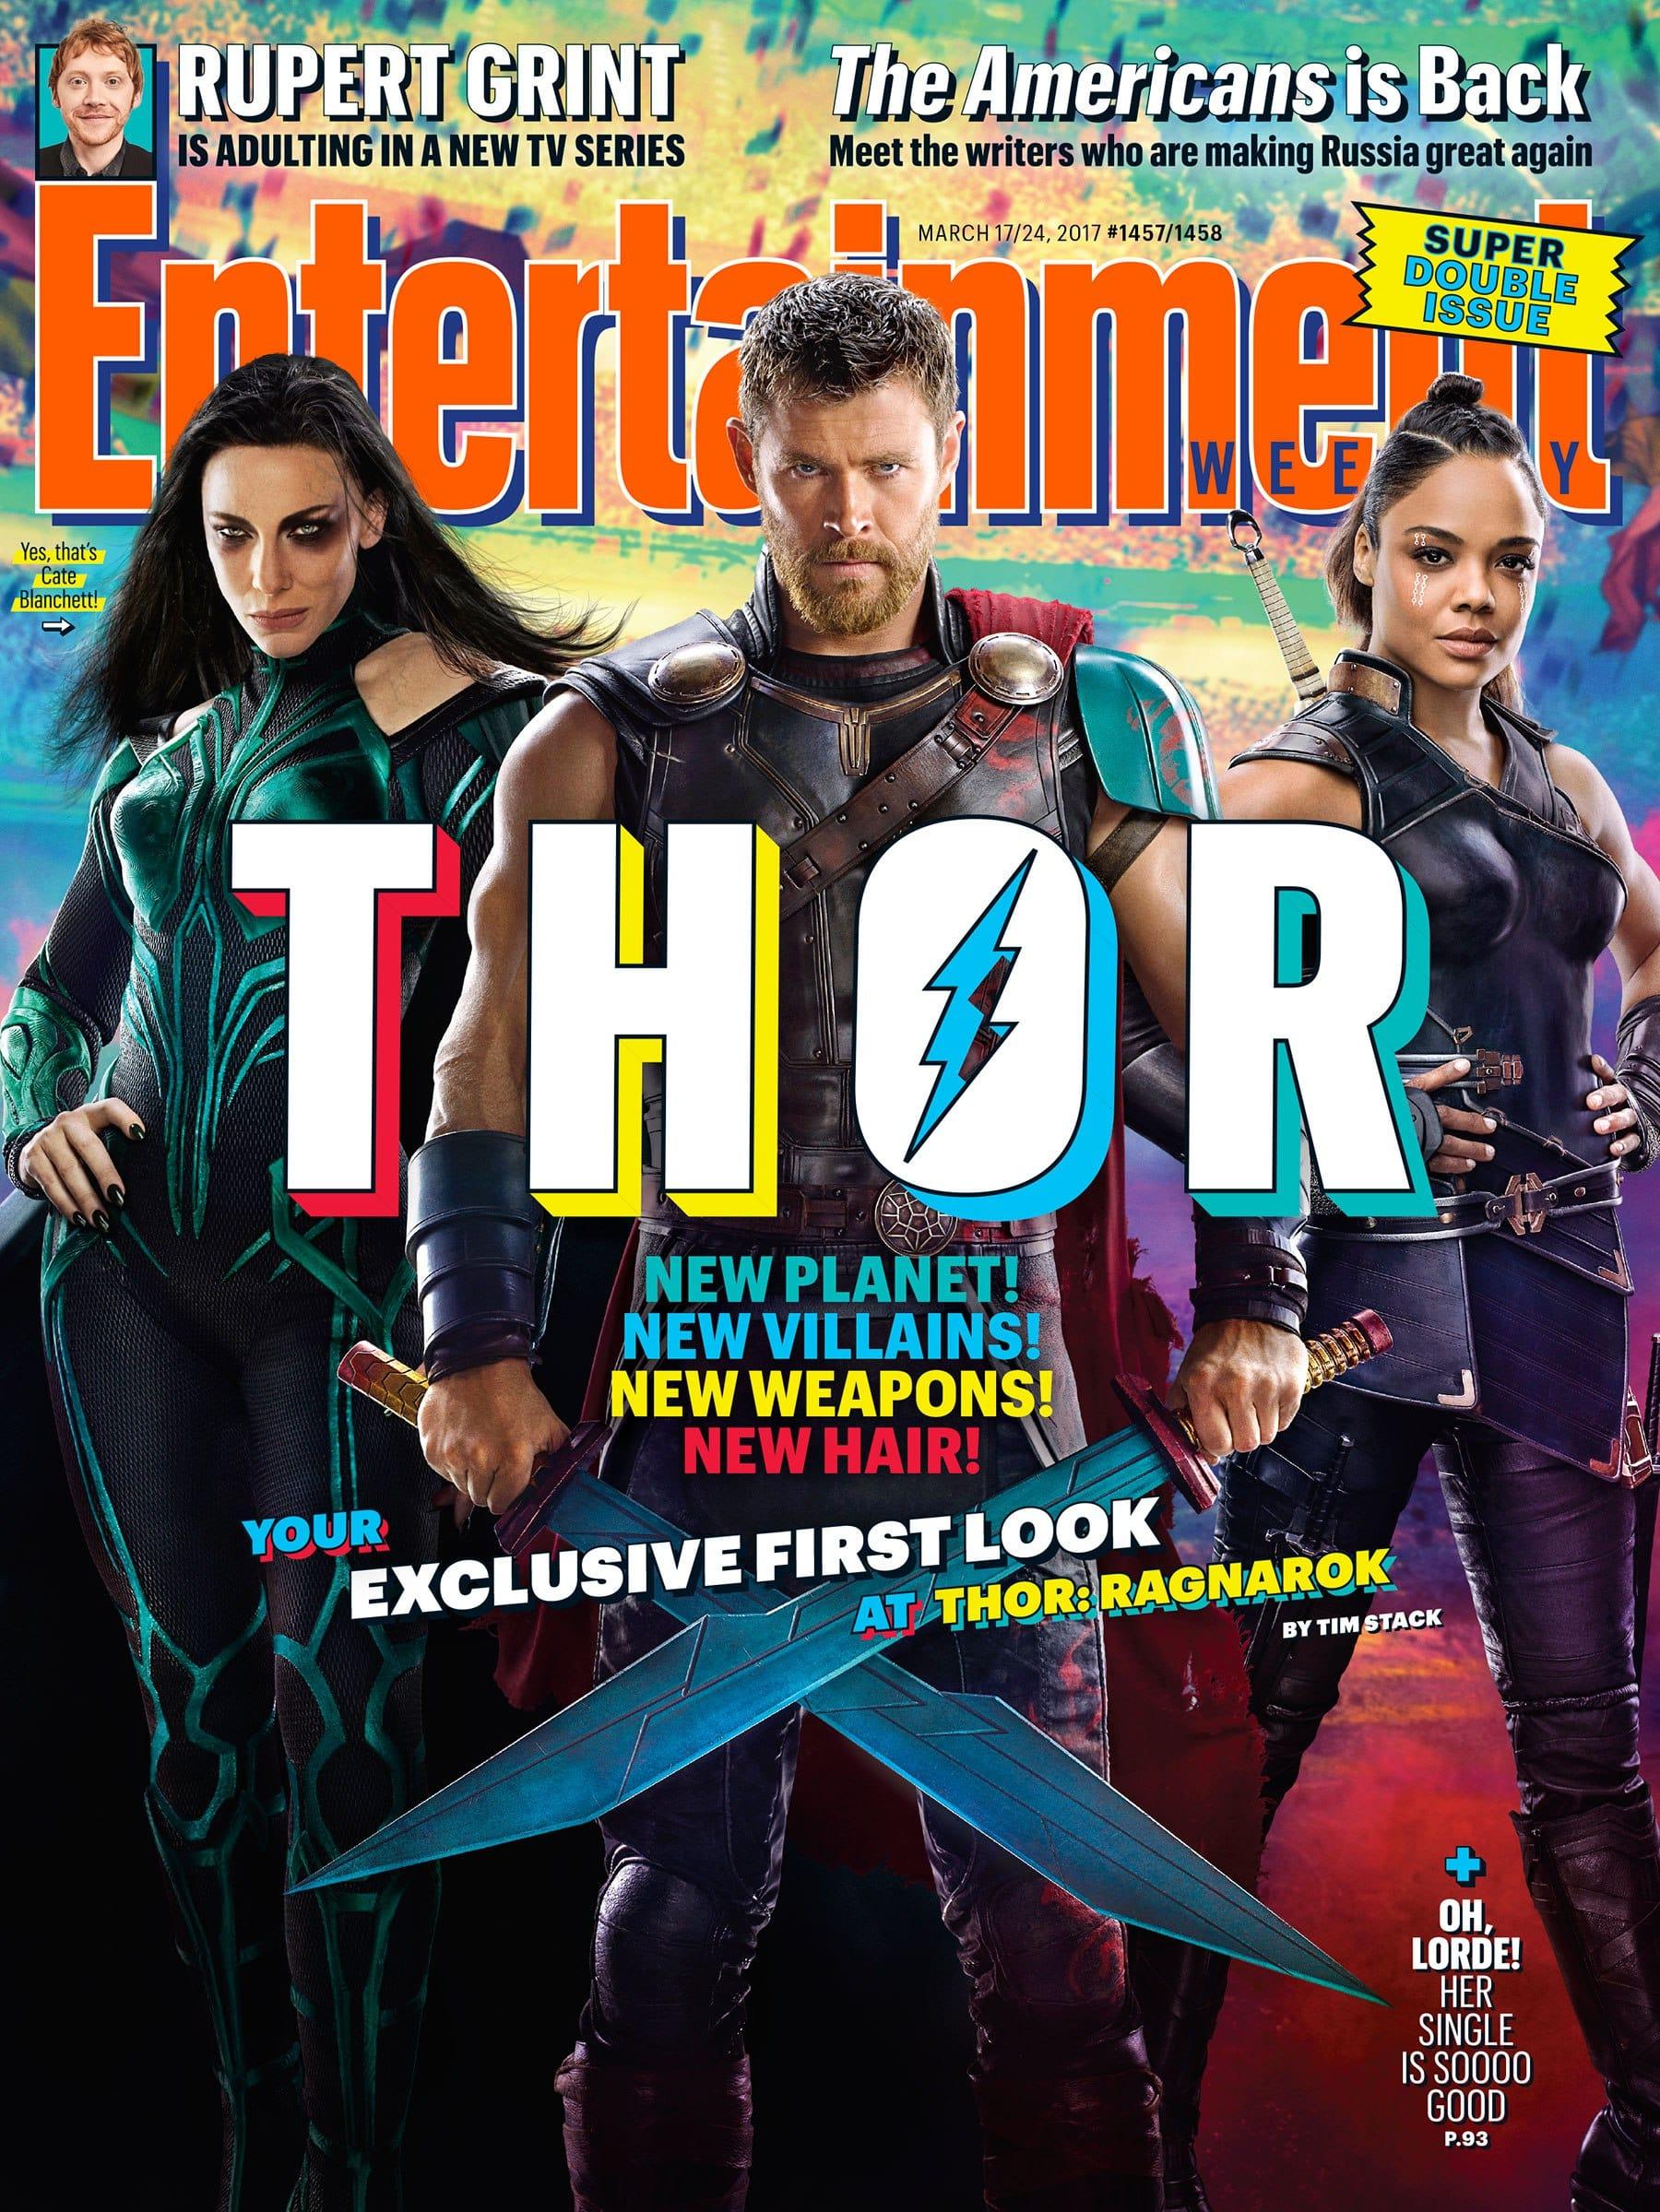 Oficiálna obálka časopisu Entertainment Weekly. Thor a jeho meče namiesto kladiva Mjolniru!